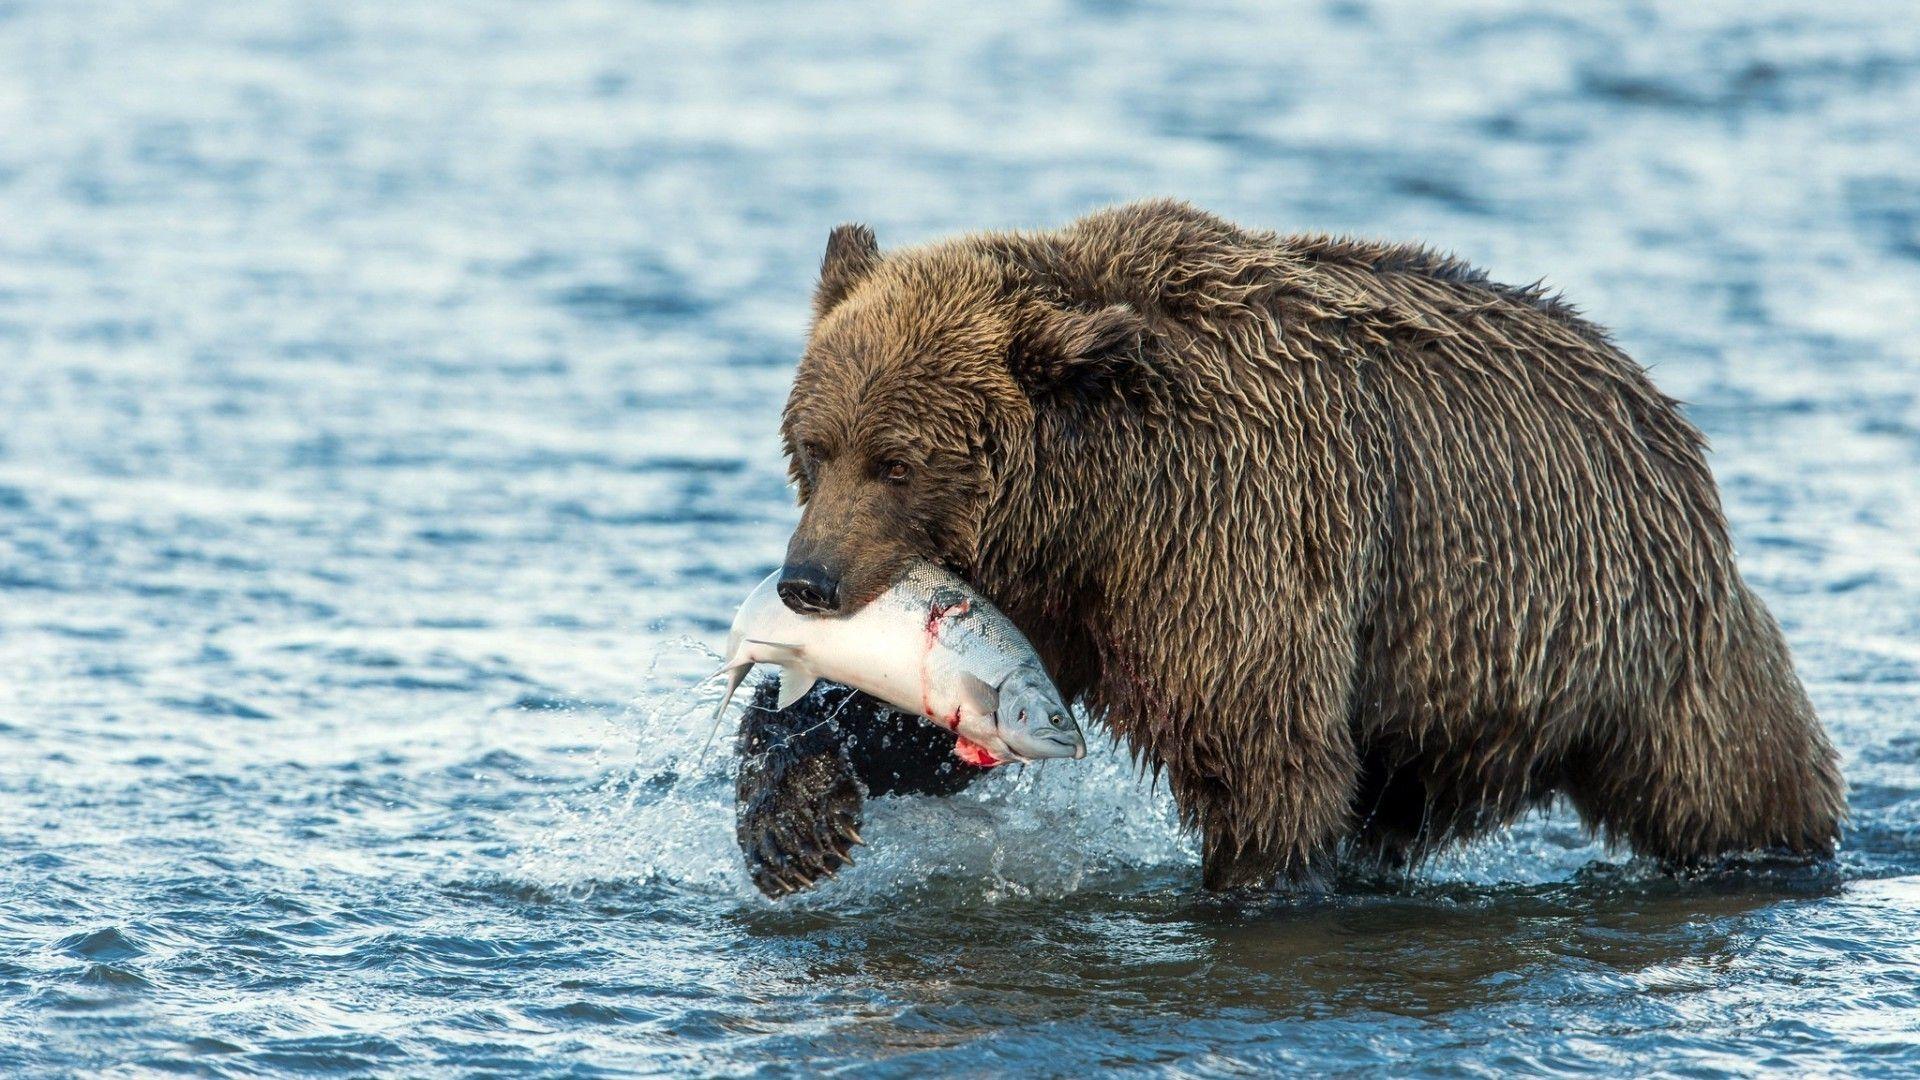 Bear Eating Fish Photos